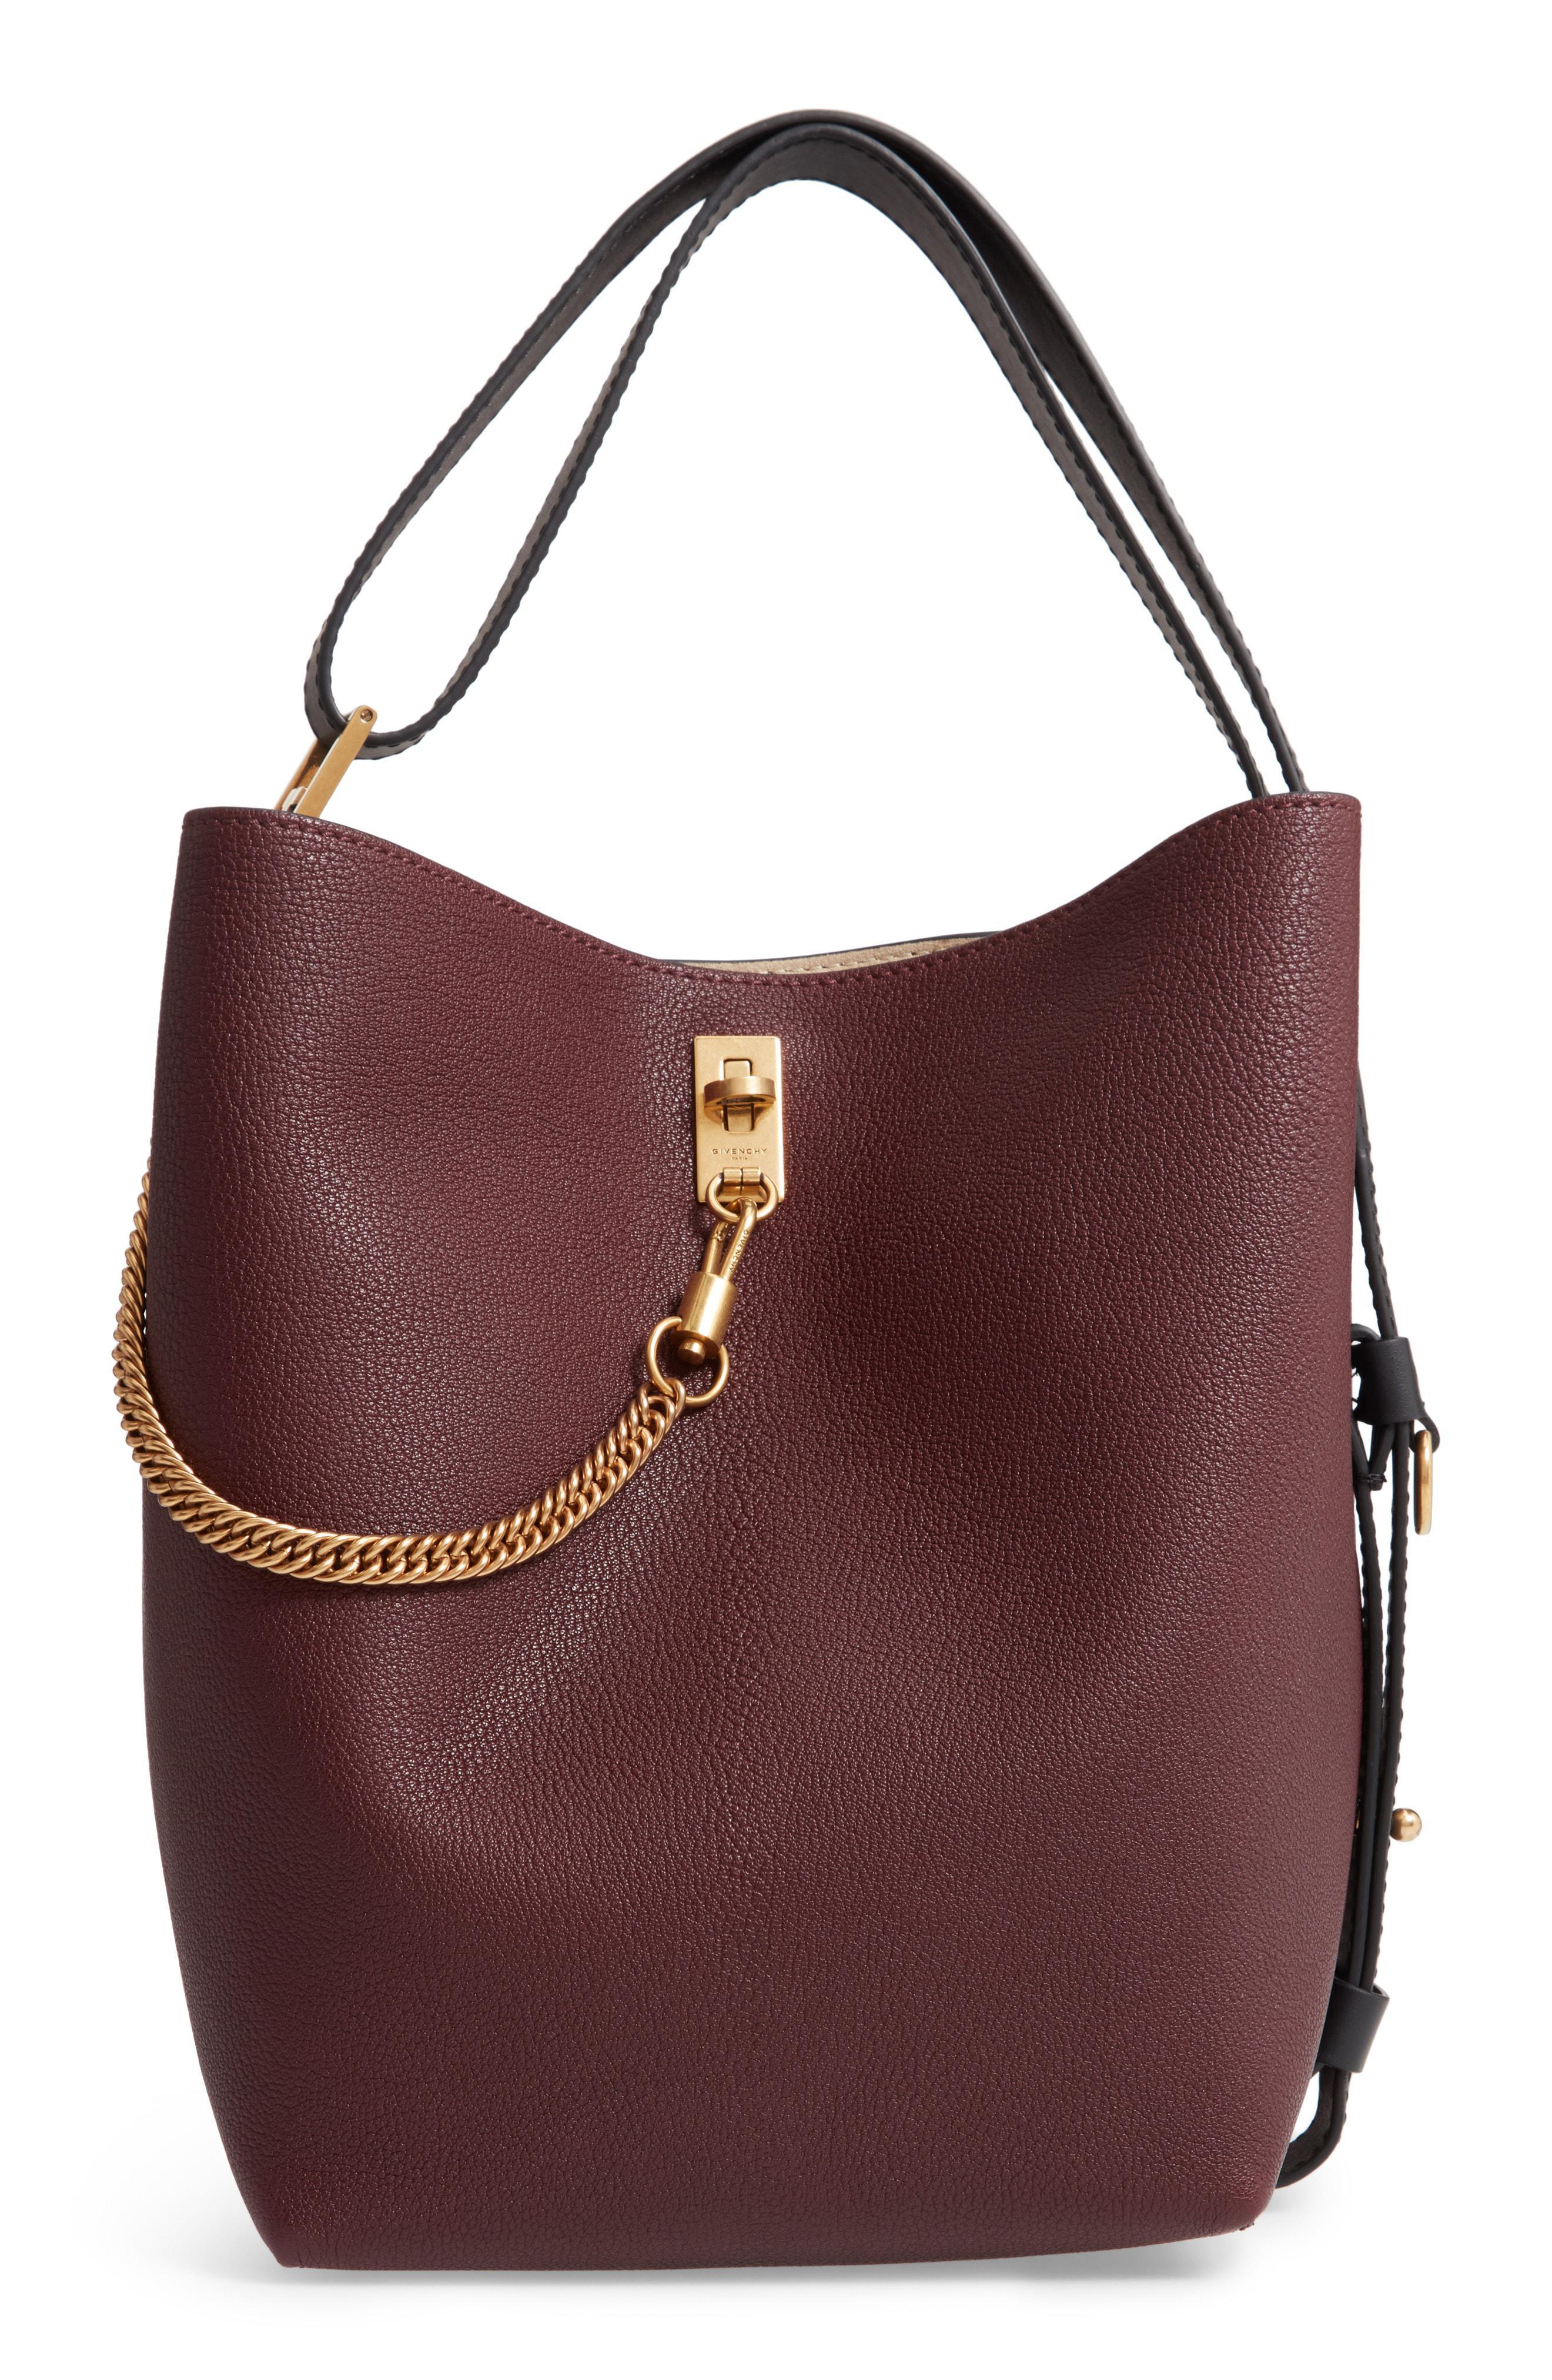 3f8df065e9 Lyst - Givenchy Medium Gv Goatskin Bucket Bag - Burgundy in Red